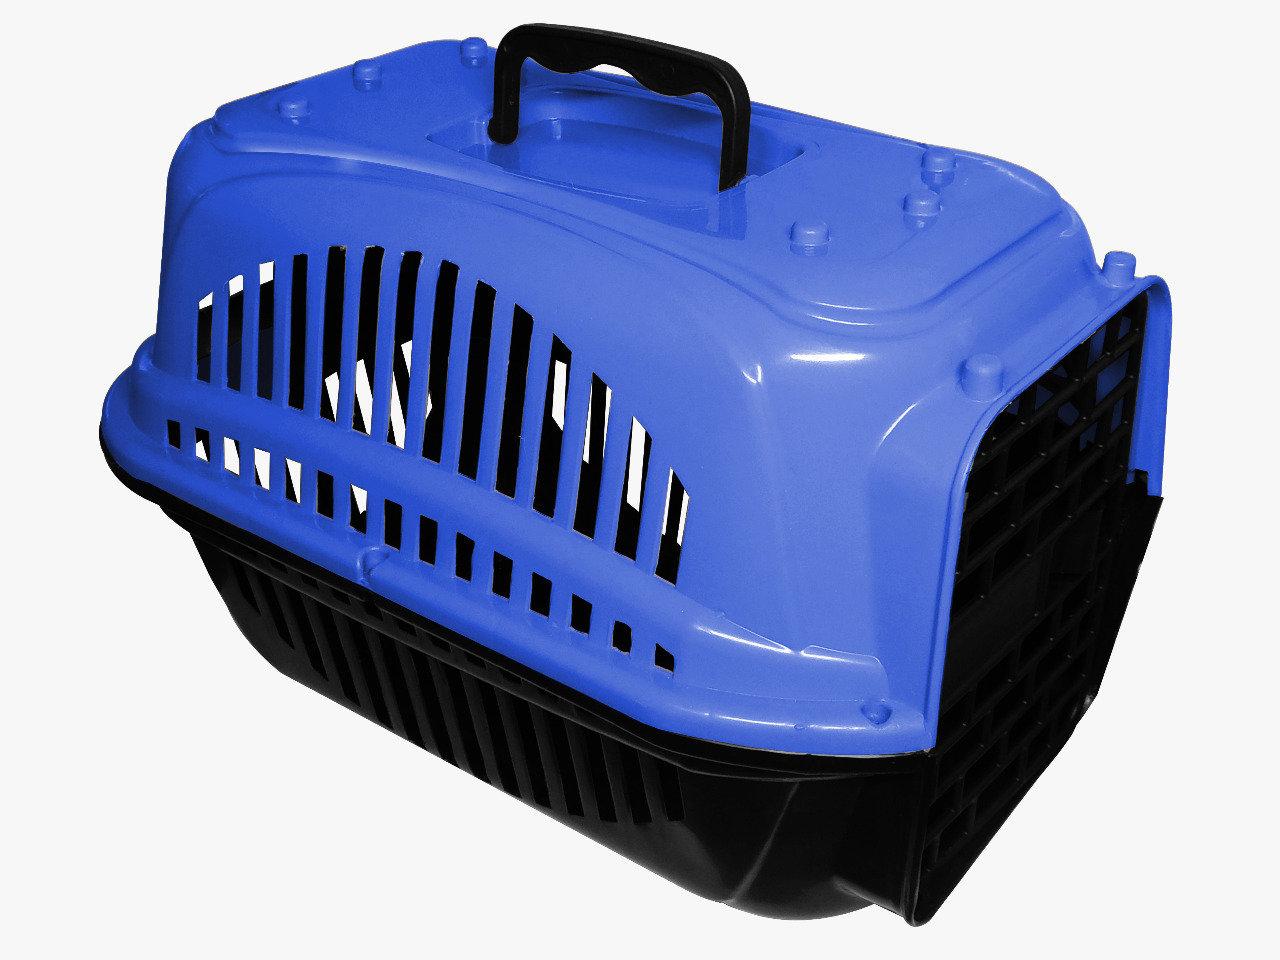 Caixa de Transporte Plástica para Cães e Gatos - N1 - Brinqpet